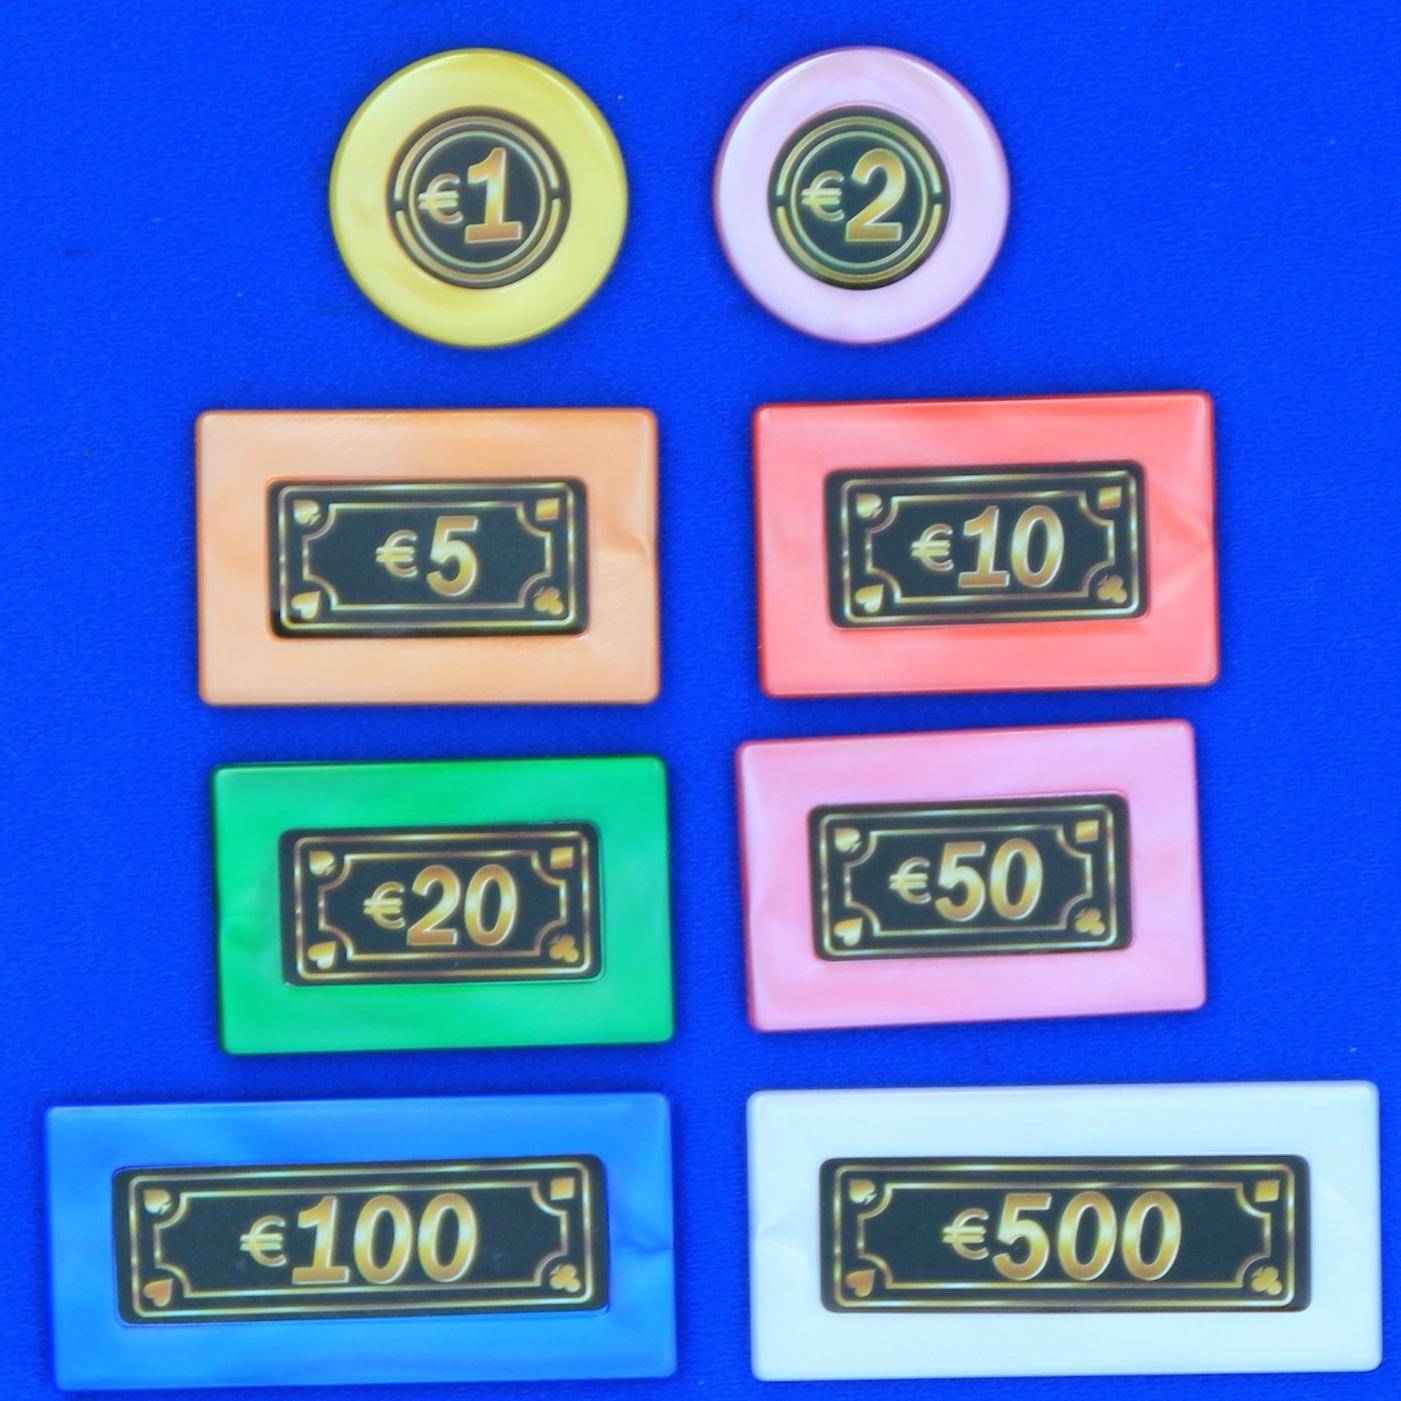 CombiCraft Speel geld - Bedragen: 1-2-5 - 10 - 20 - 1000 en 500 euro